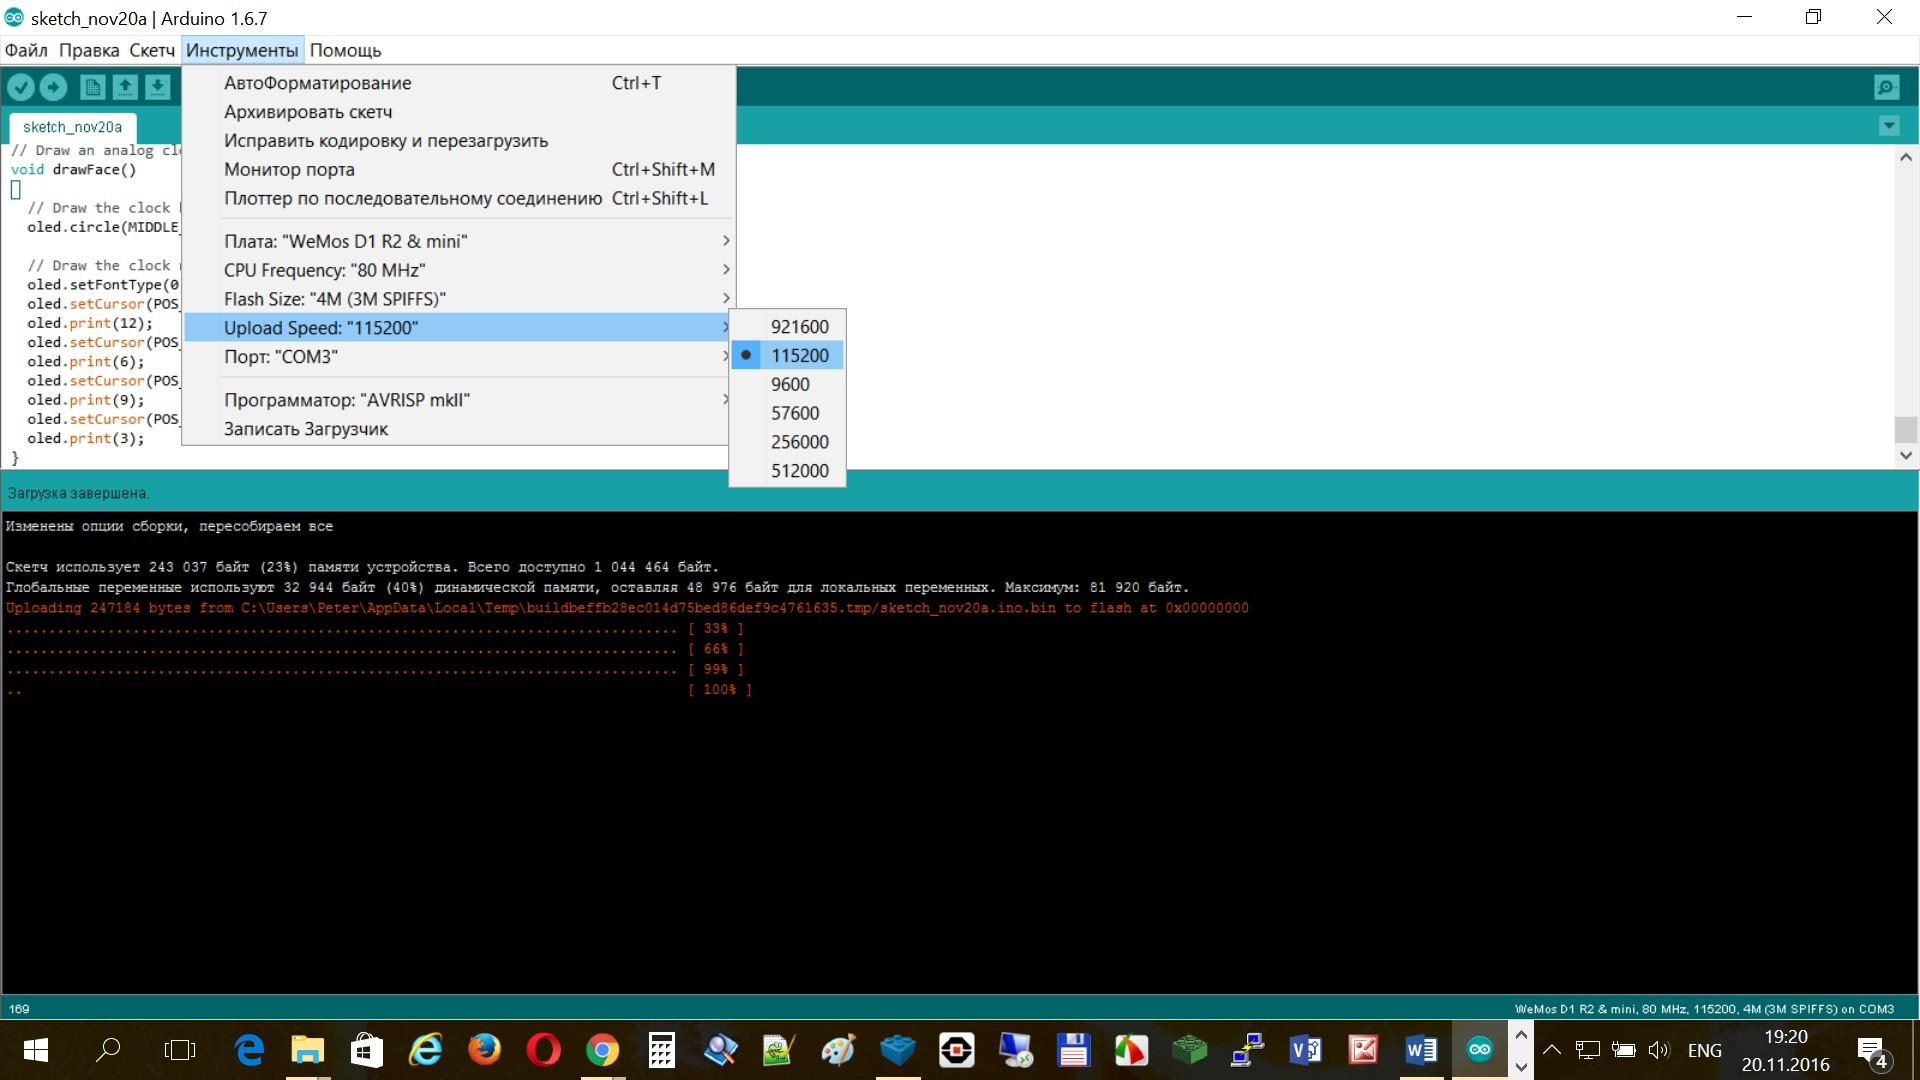 arduino_ide2